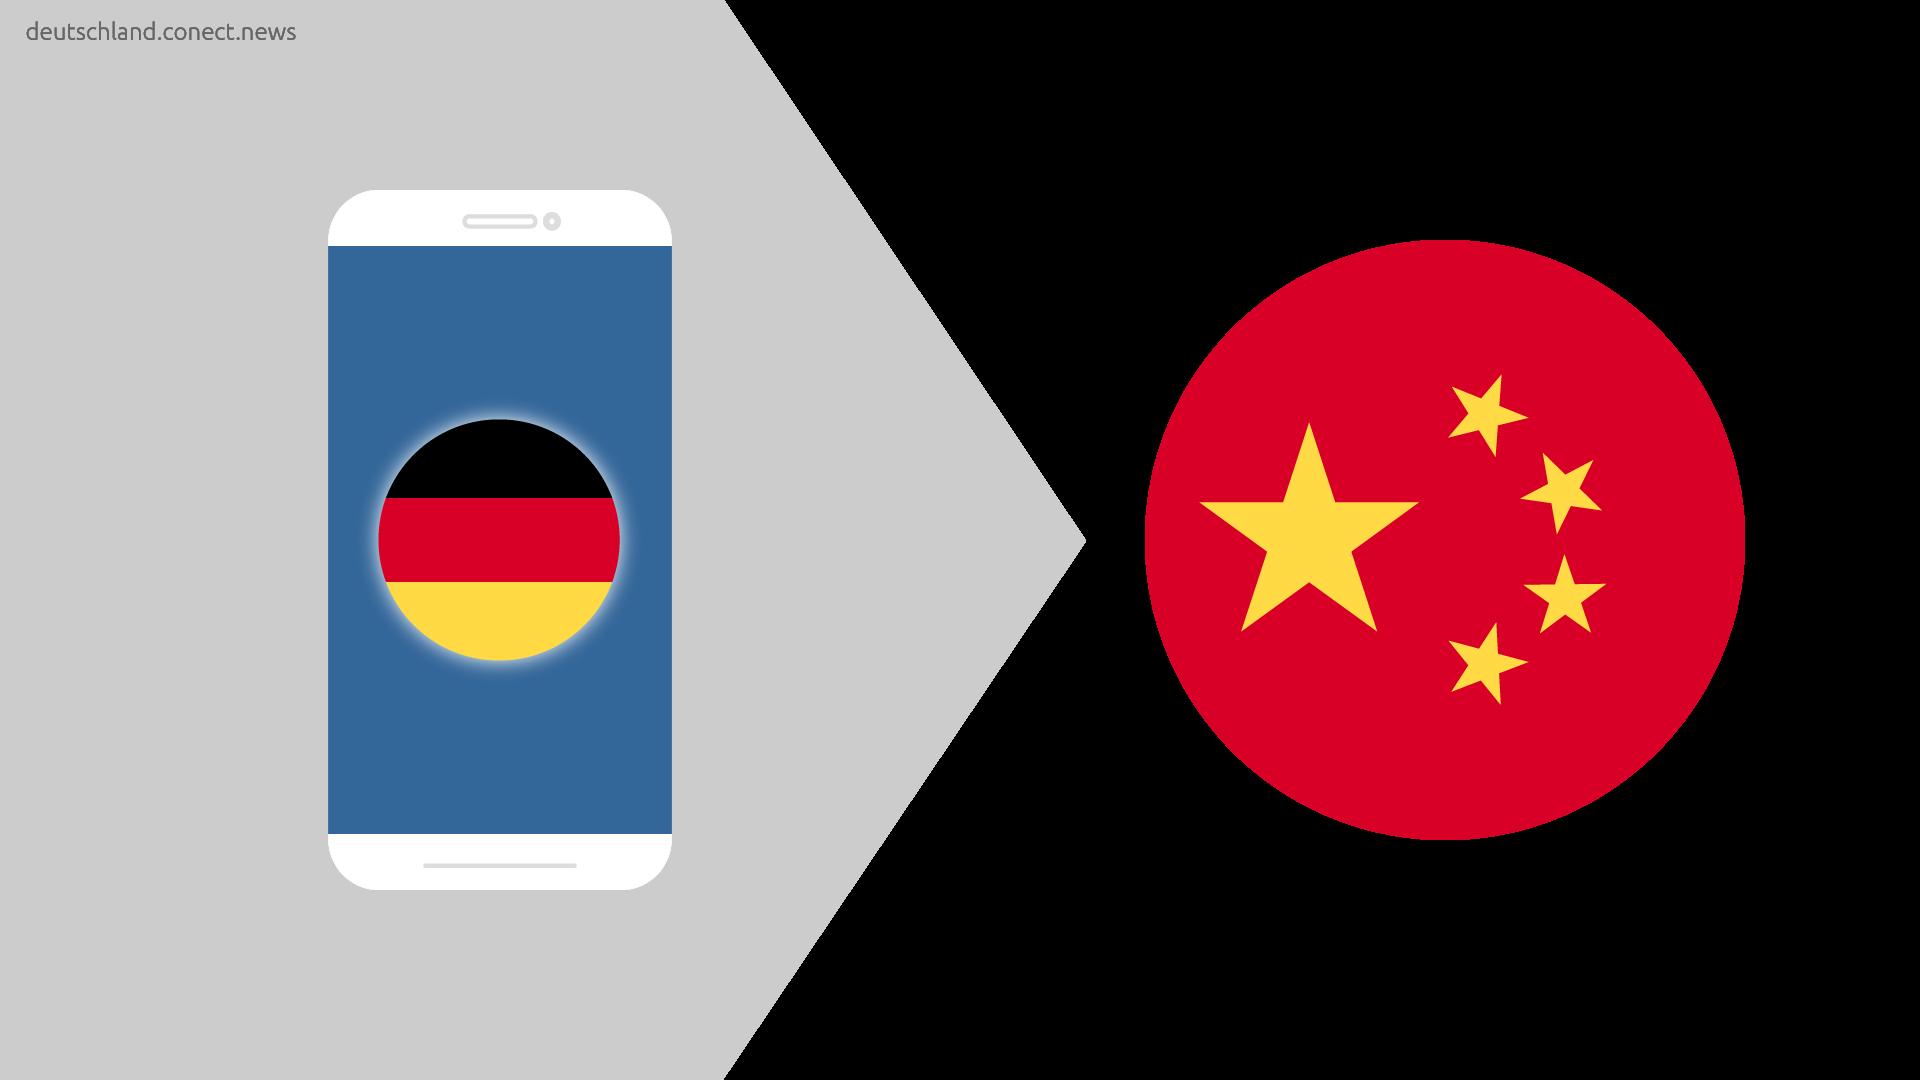 Günstiger von Deutschland nach China @conetc_news